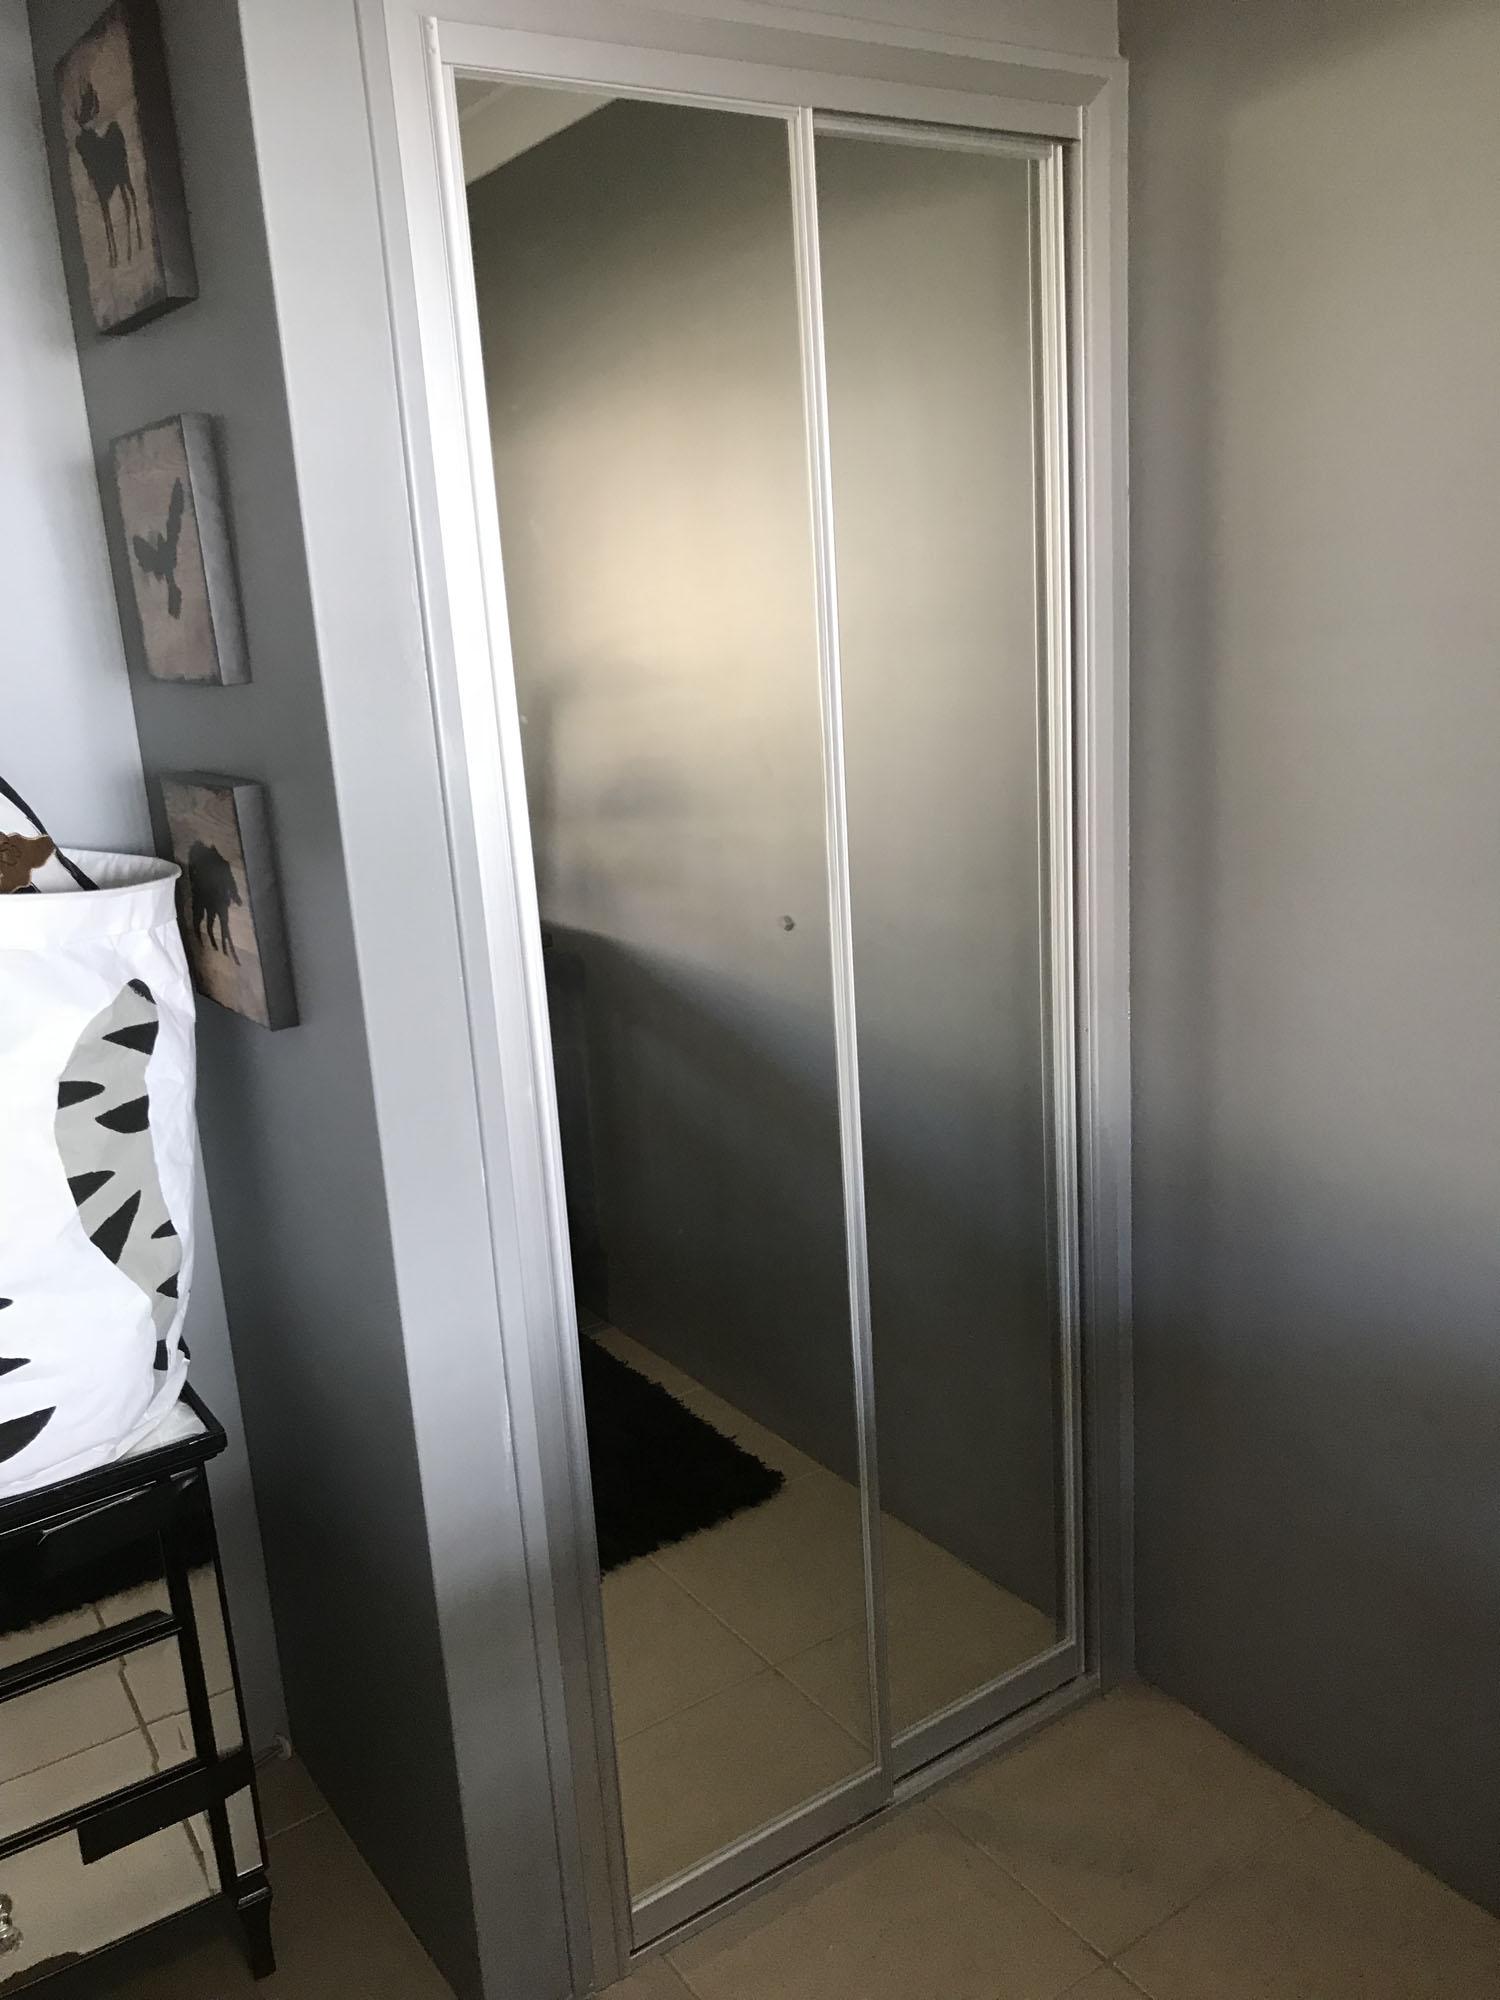 Hinged Door to Sliding Door Conversion